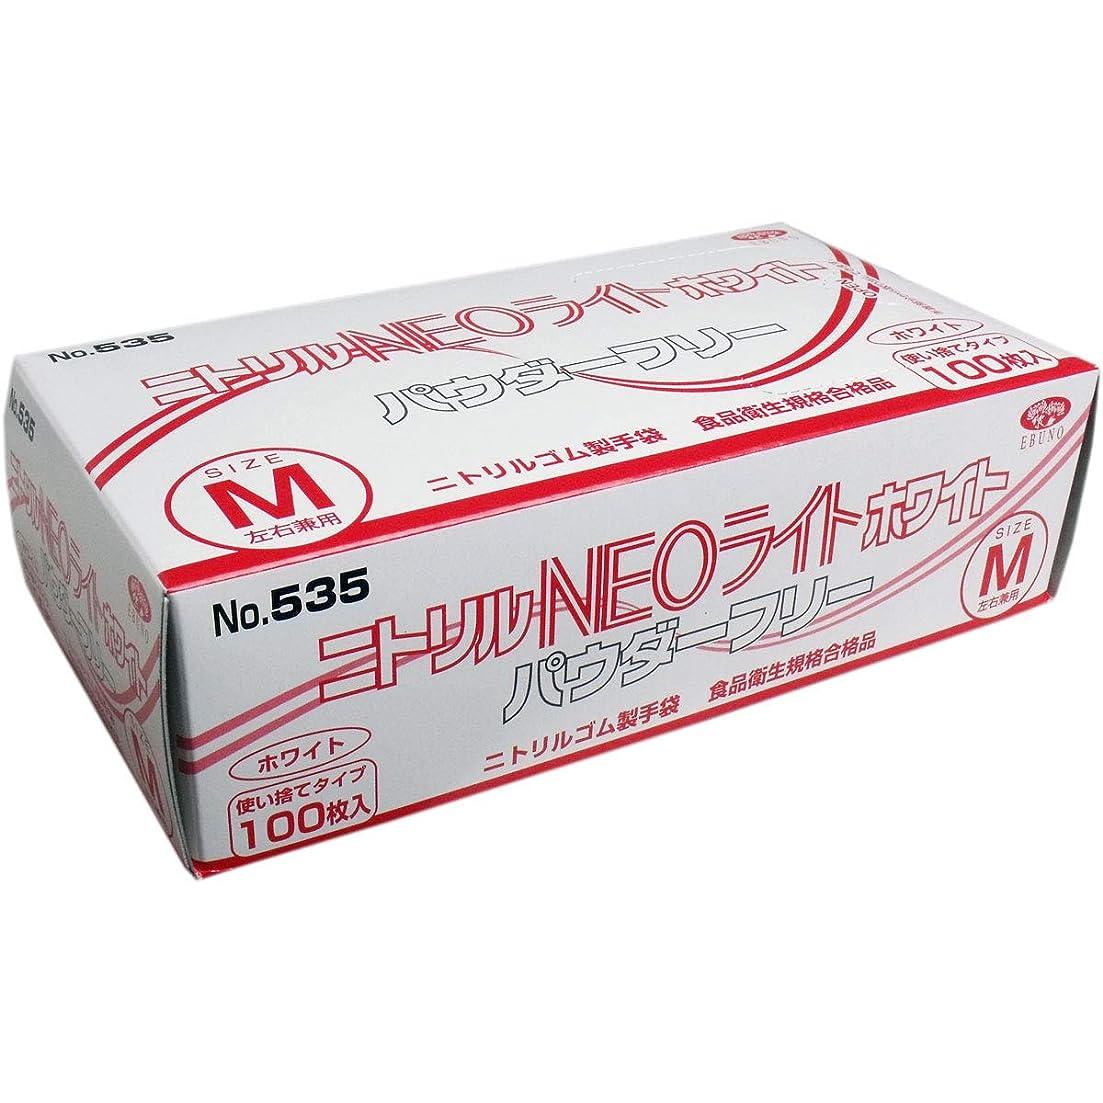 冷ややかな延ばす細いニトリル手袋 NEOライト パウダーフリー ホワイト Mサイズ 100枚入×10個セット